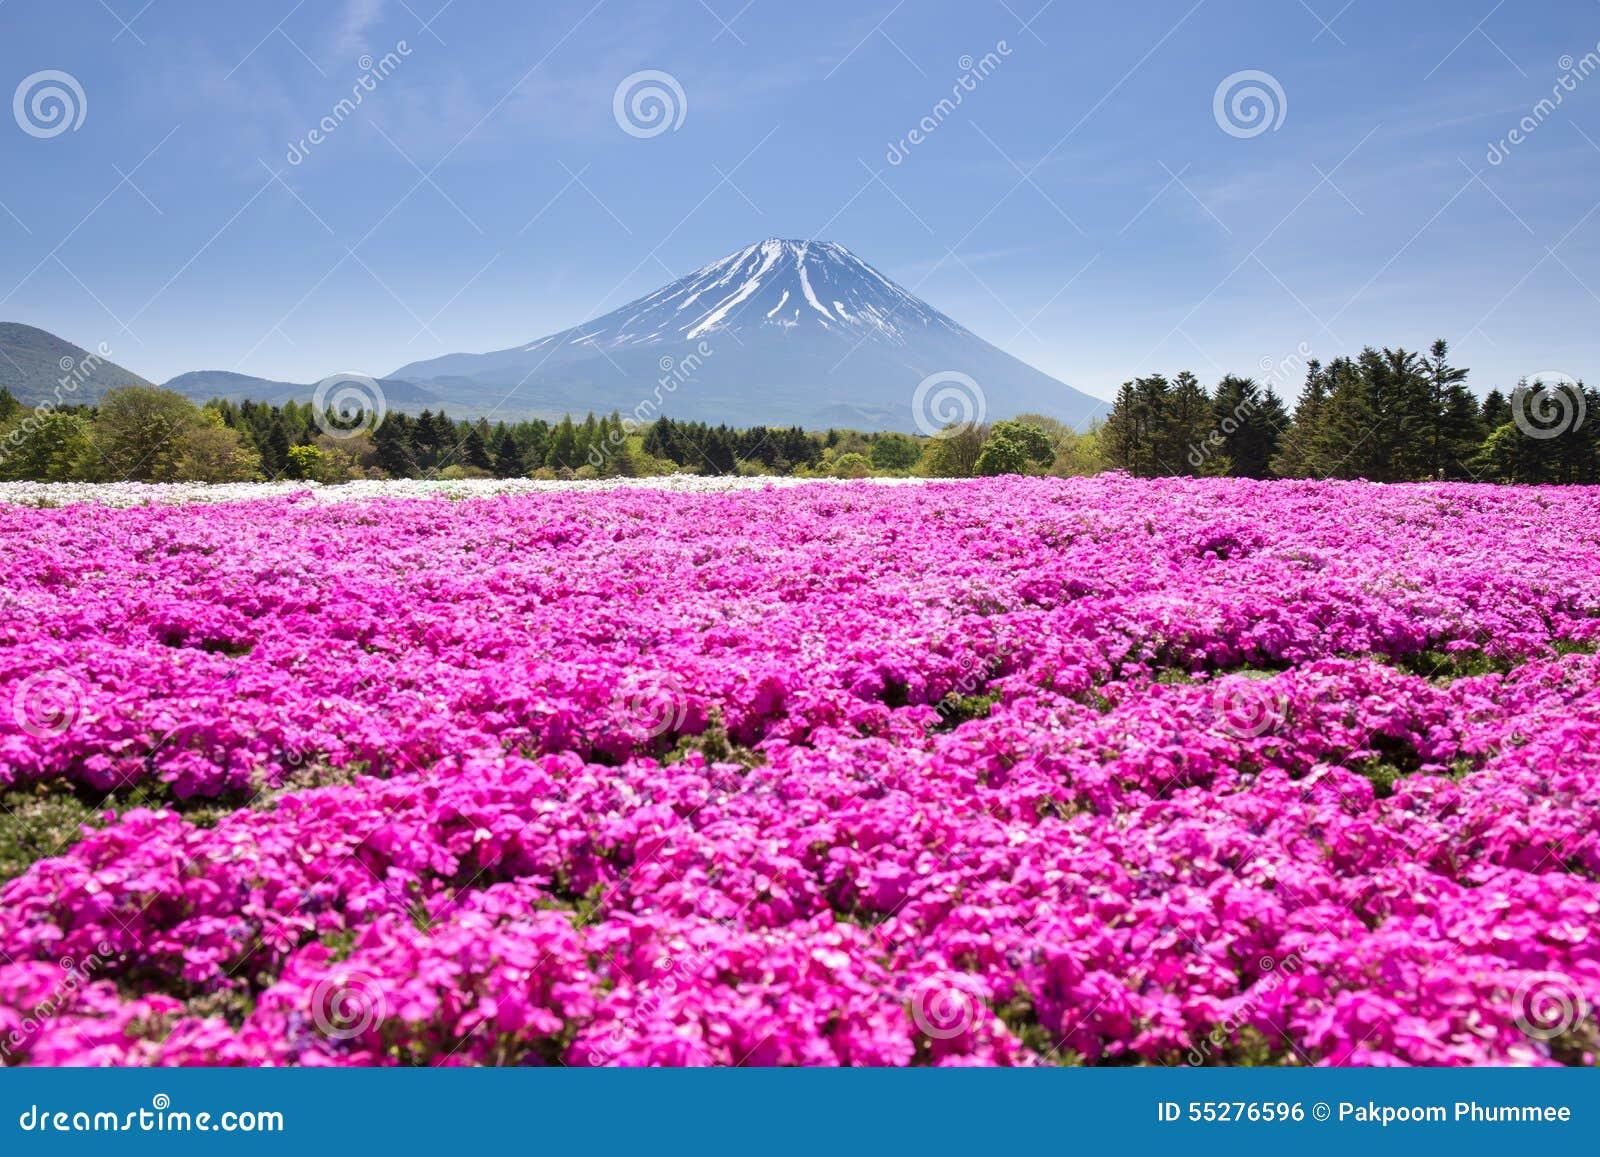 Festival de Japón Shibazakura con el campo del musgo rosado de Sakura o de la flor de cerezo con la montaña Fuji Yamanashi, Japón